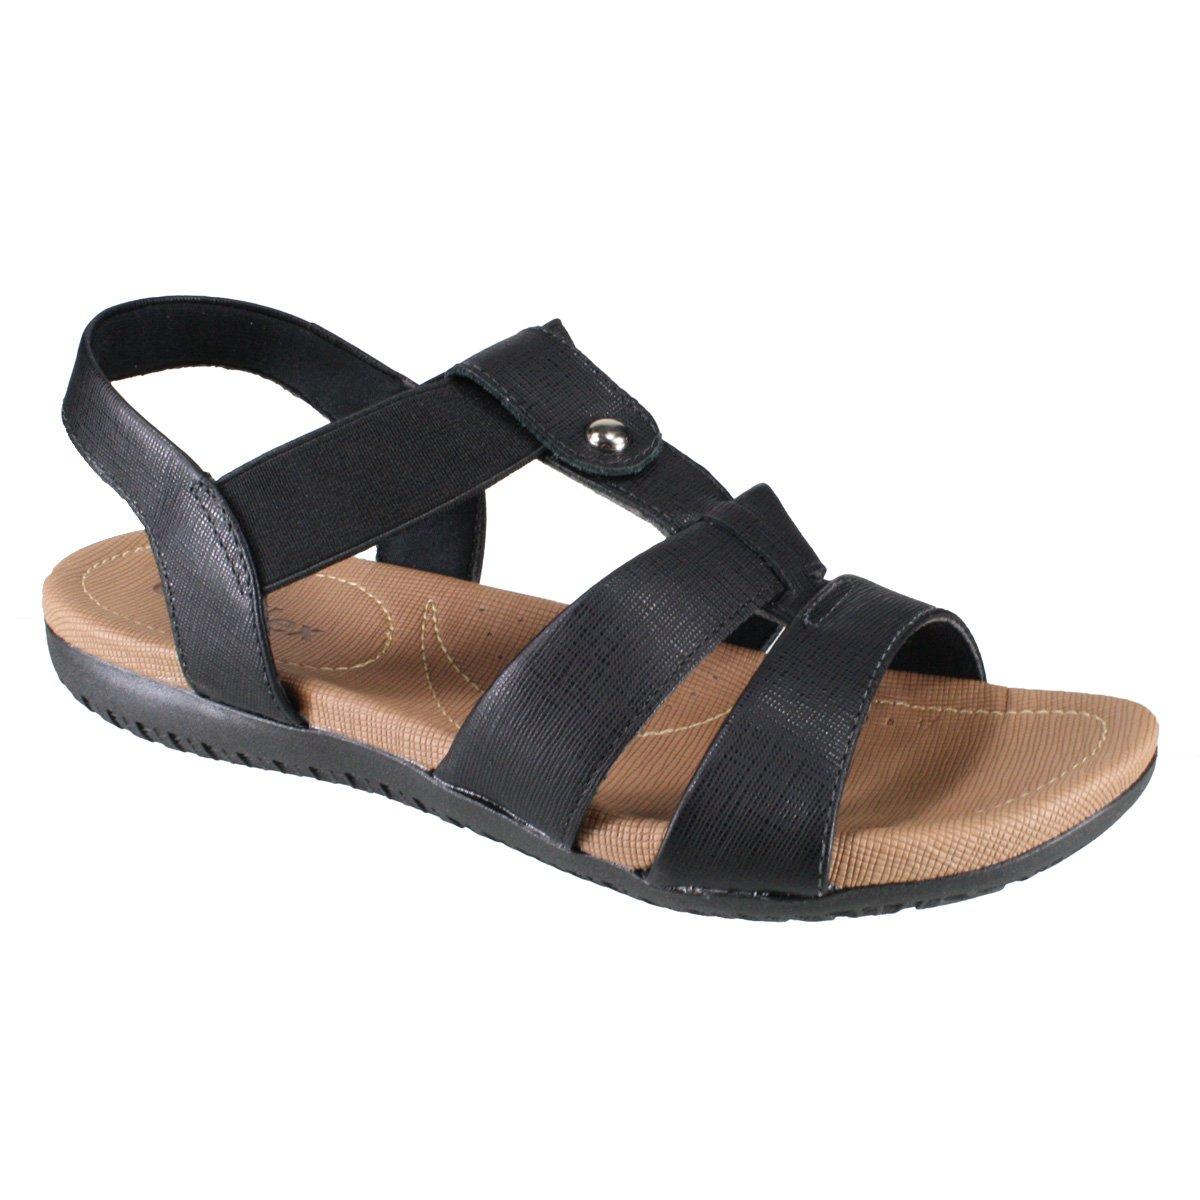 9795c7ca70 Sandália Feminina Usaflex R1834 50 - Preto (Safiano) - Calçados ...